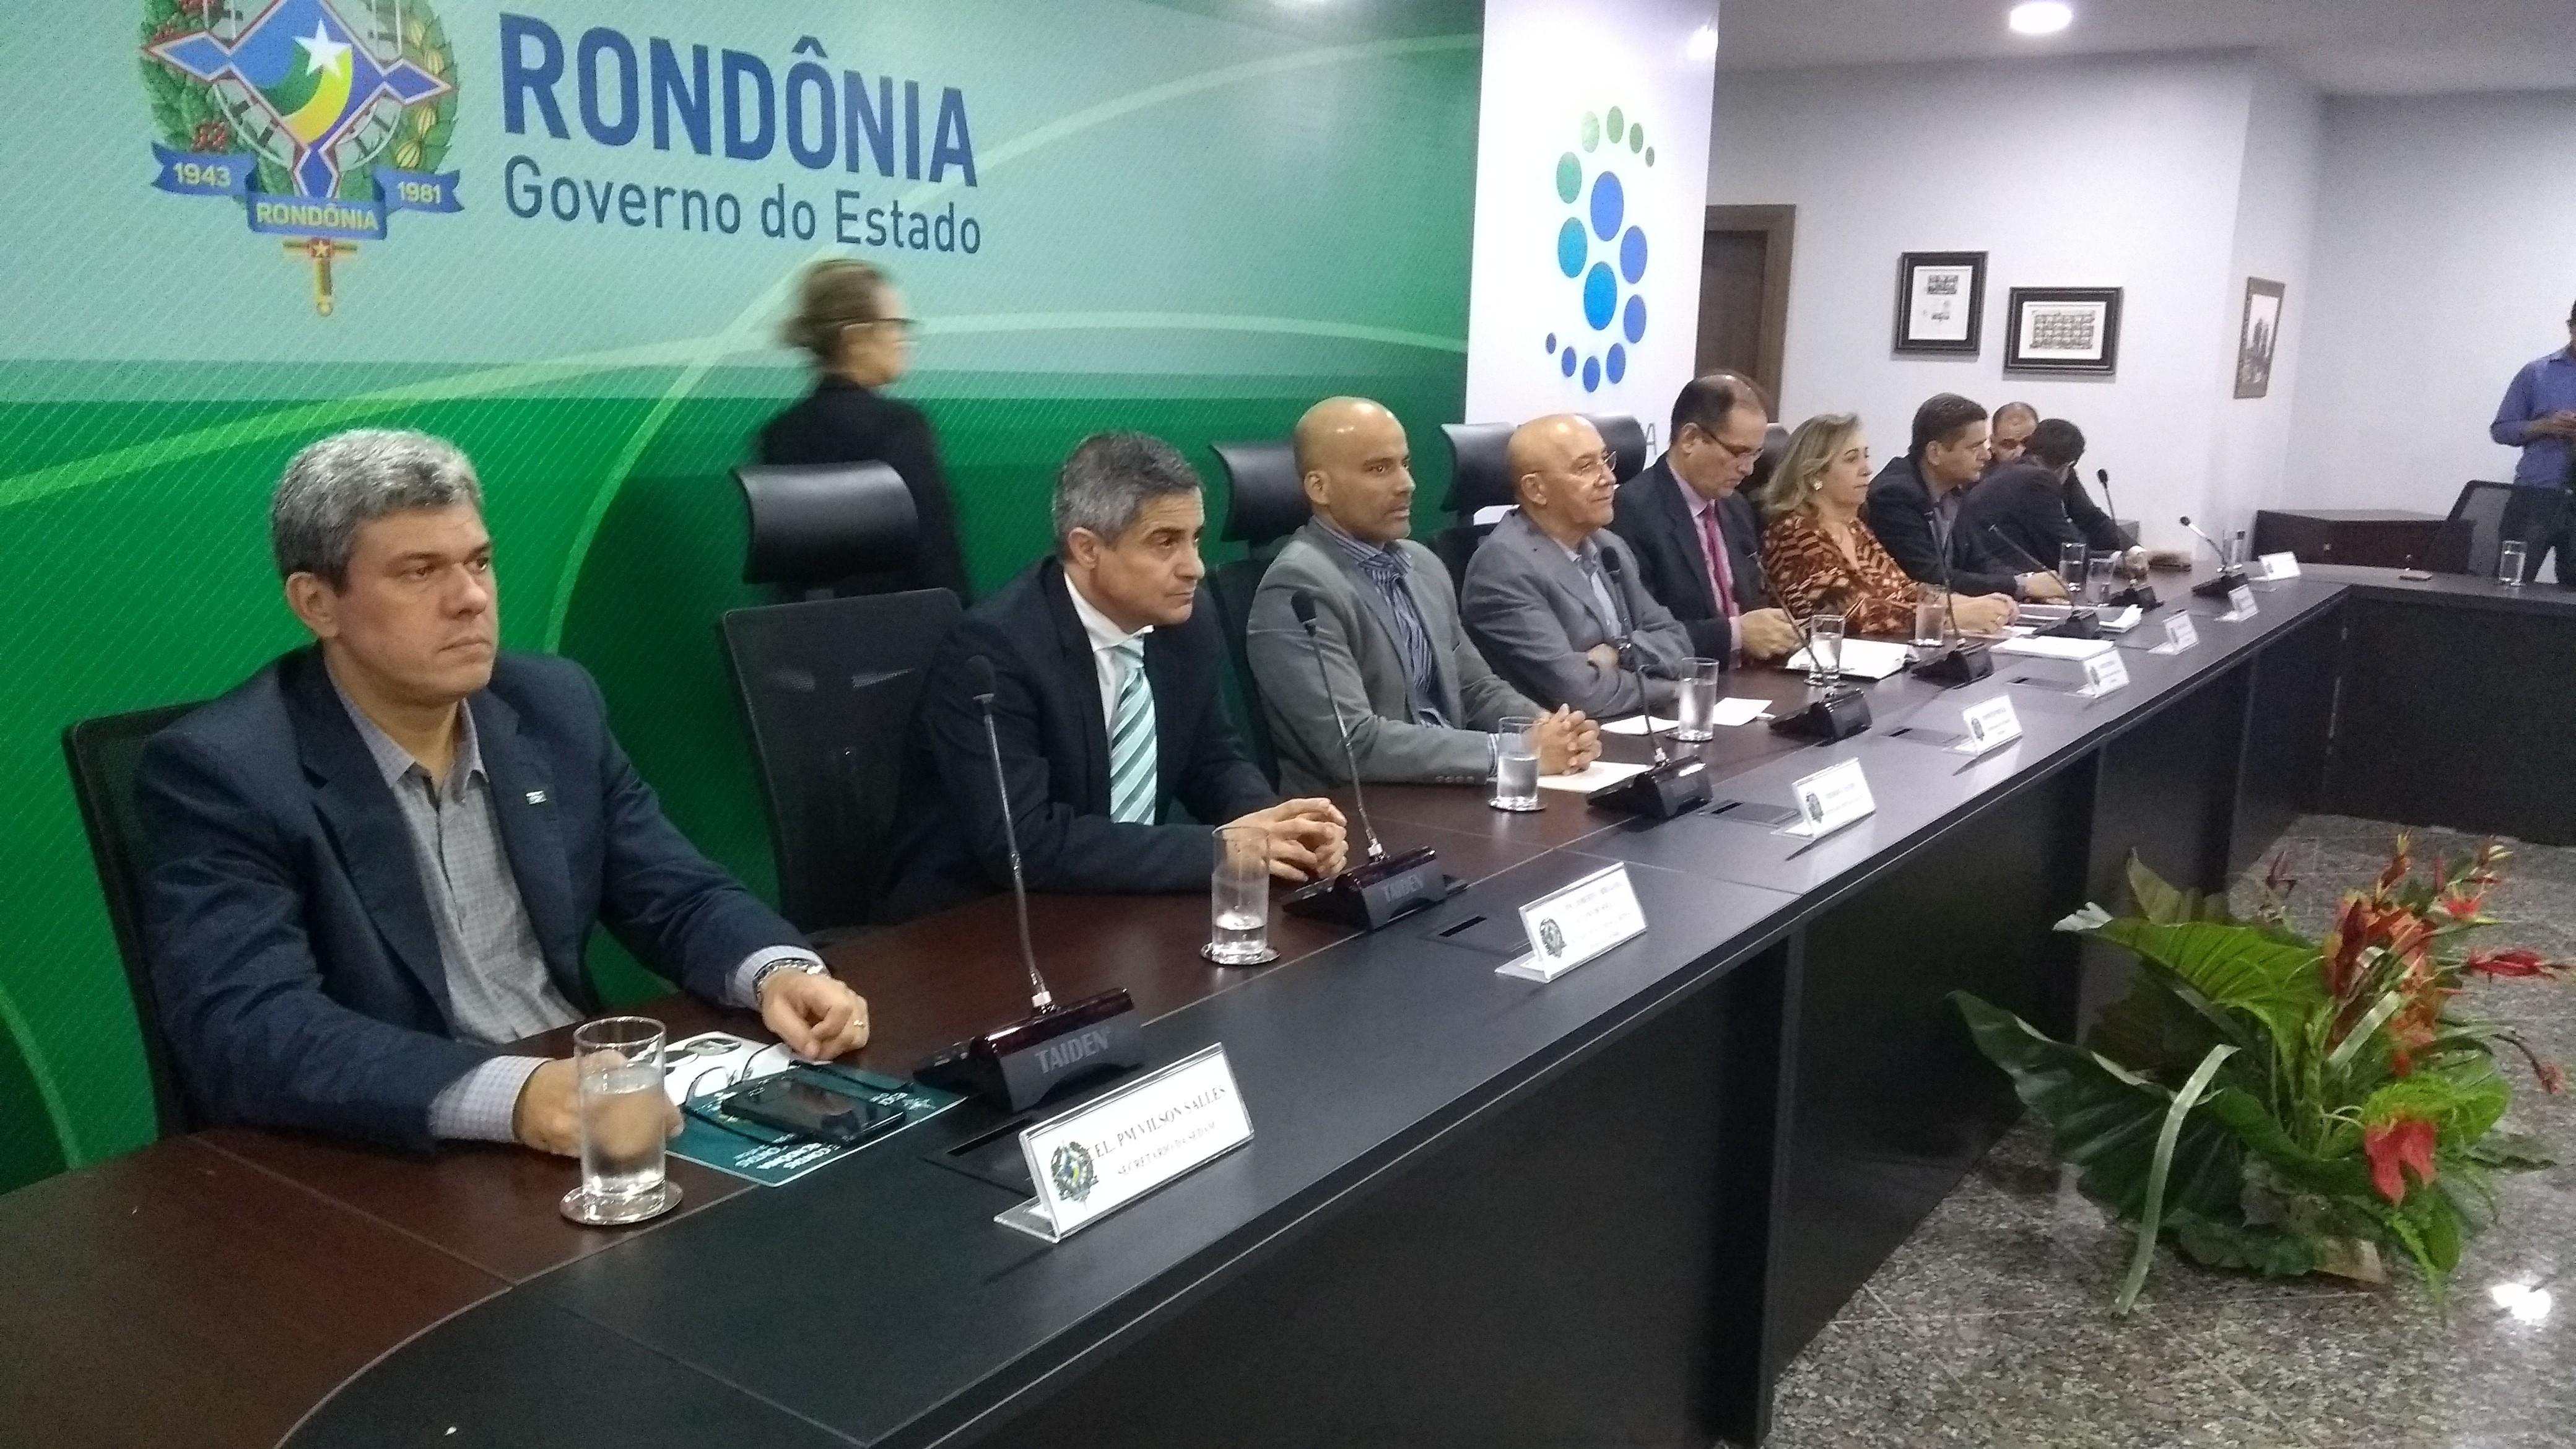 Governo lança programa que integra secretarias pela segurança pública em Rondônia